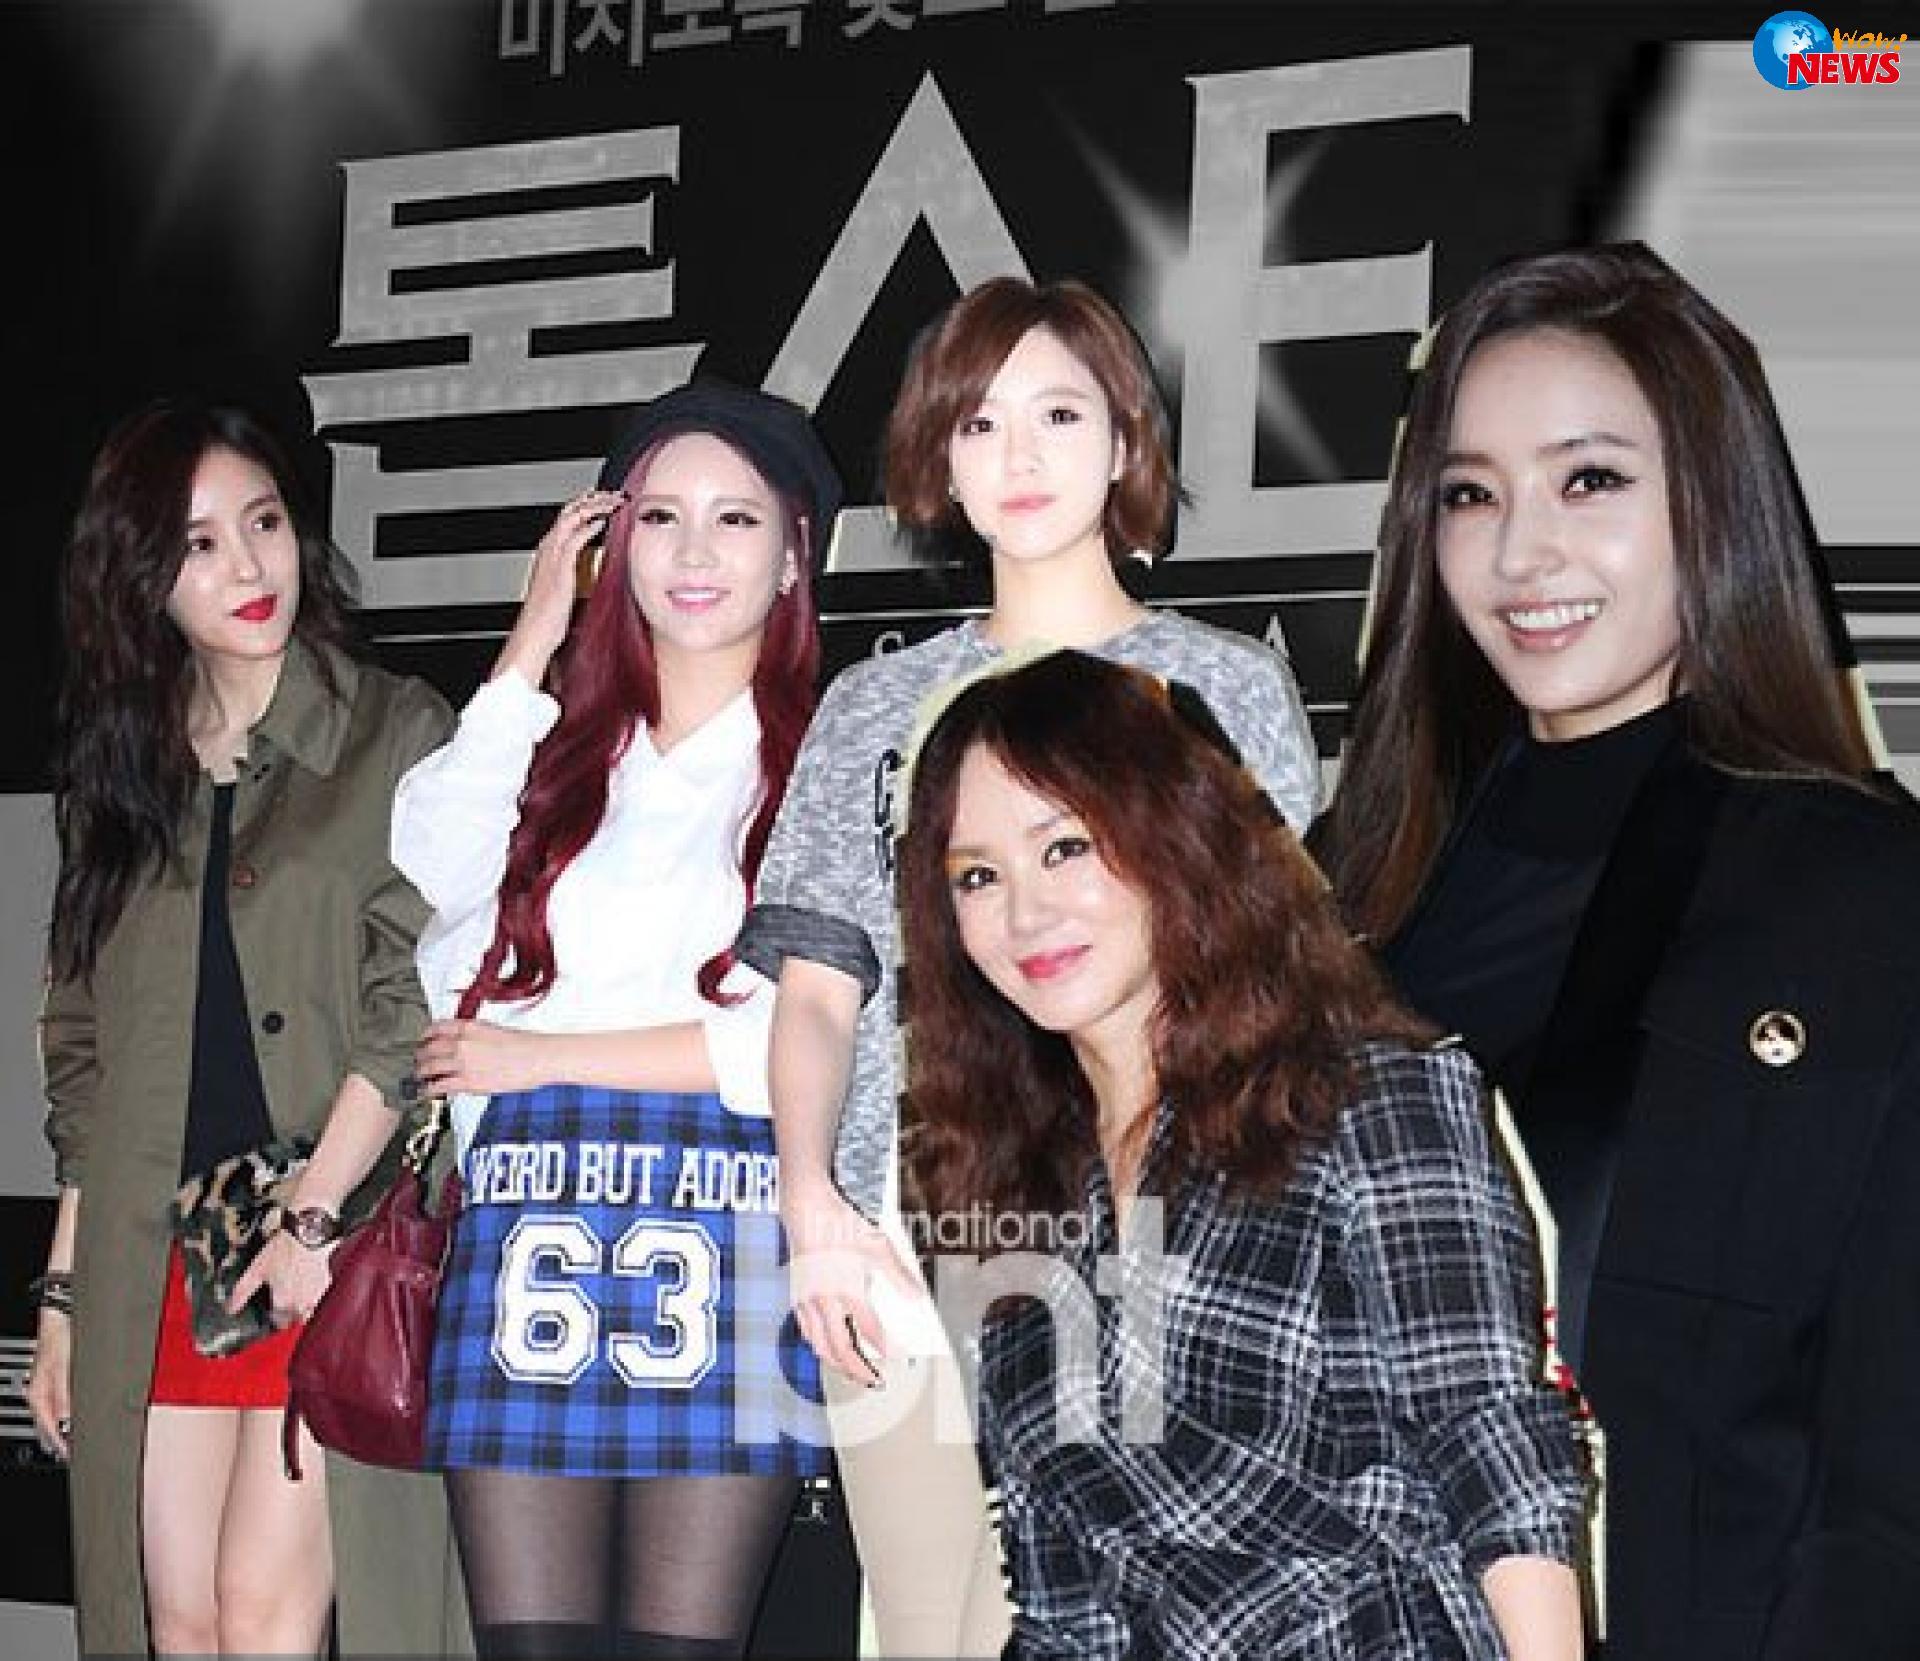 从女子组合到女演员」说出韩国演艺圈顶级明星的著装